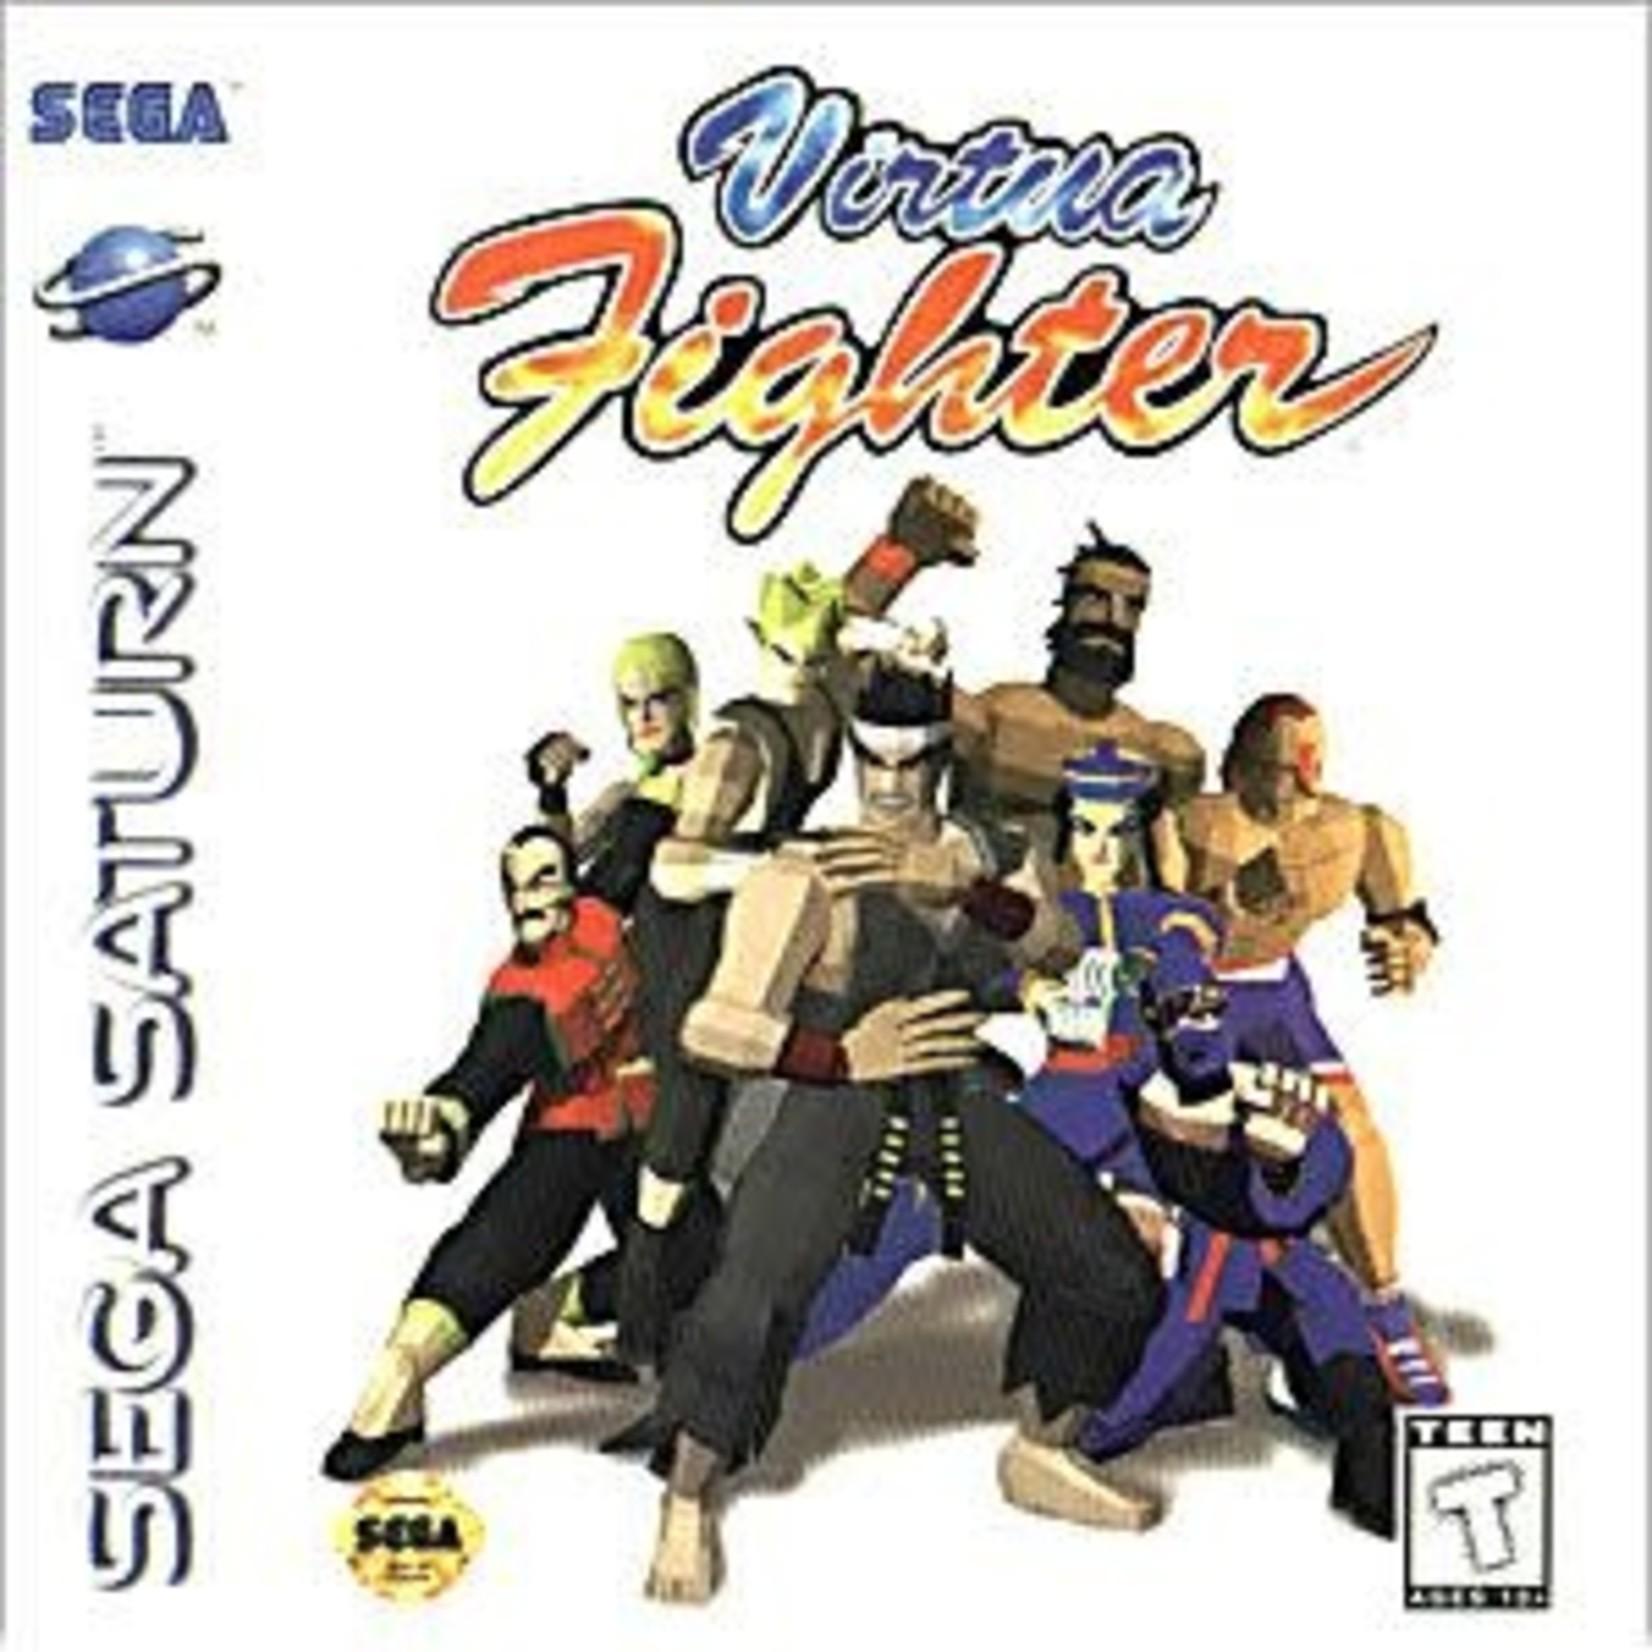 SCDU-Virtua Fighter